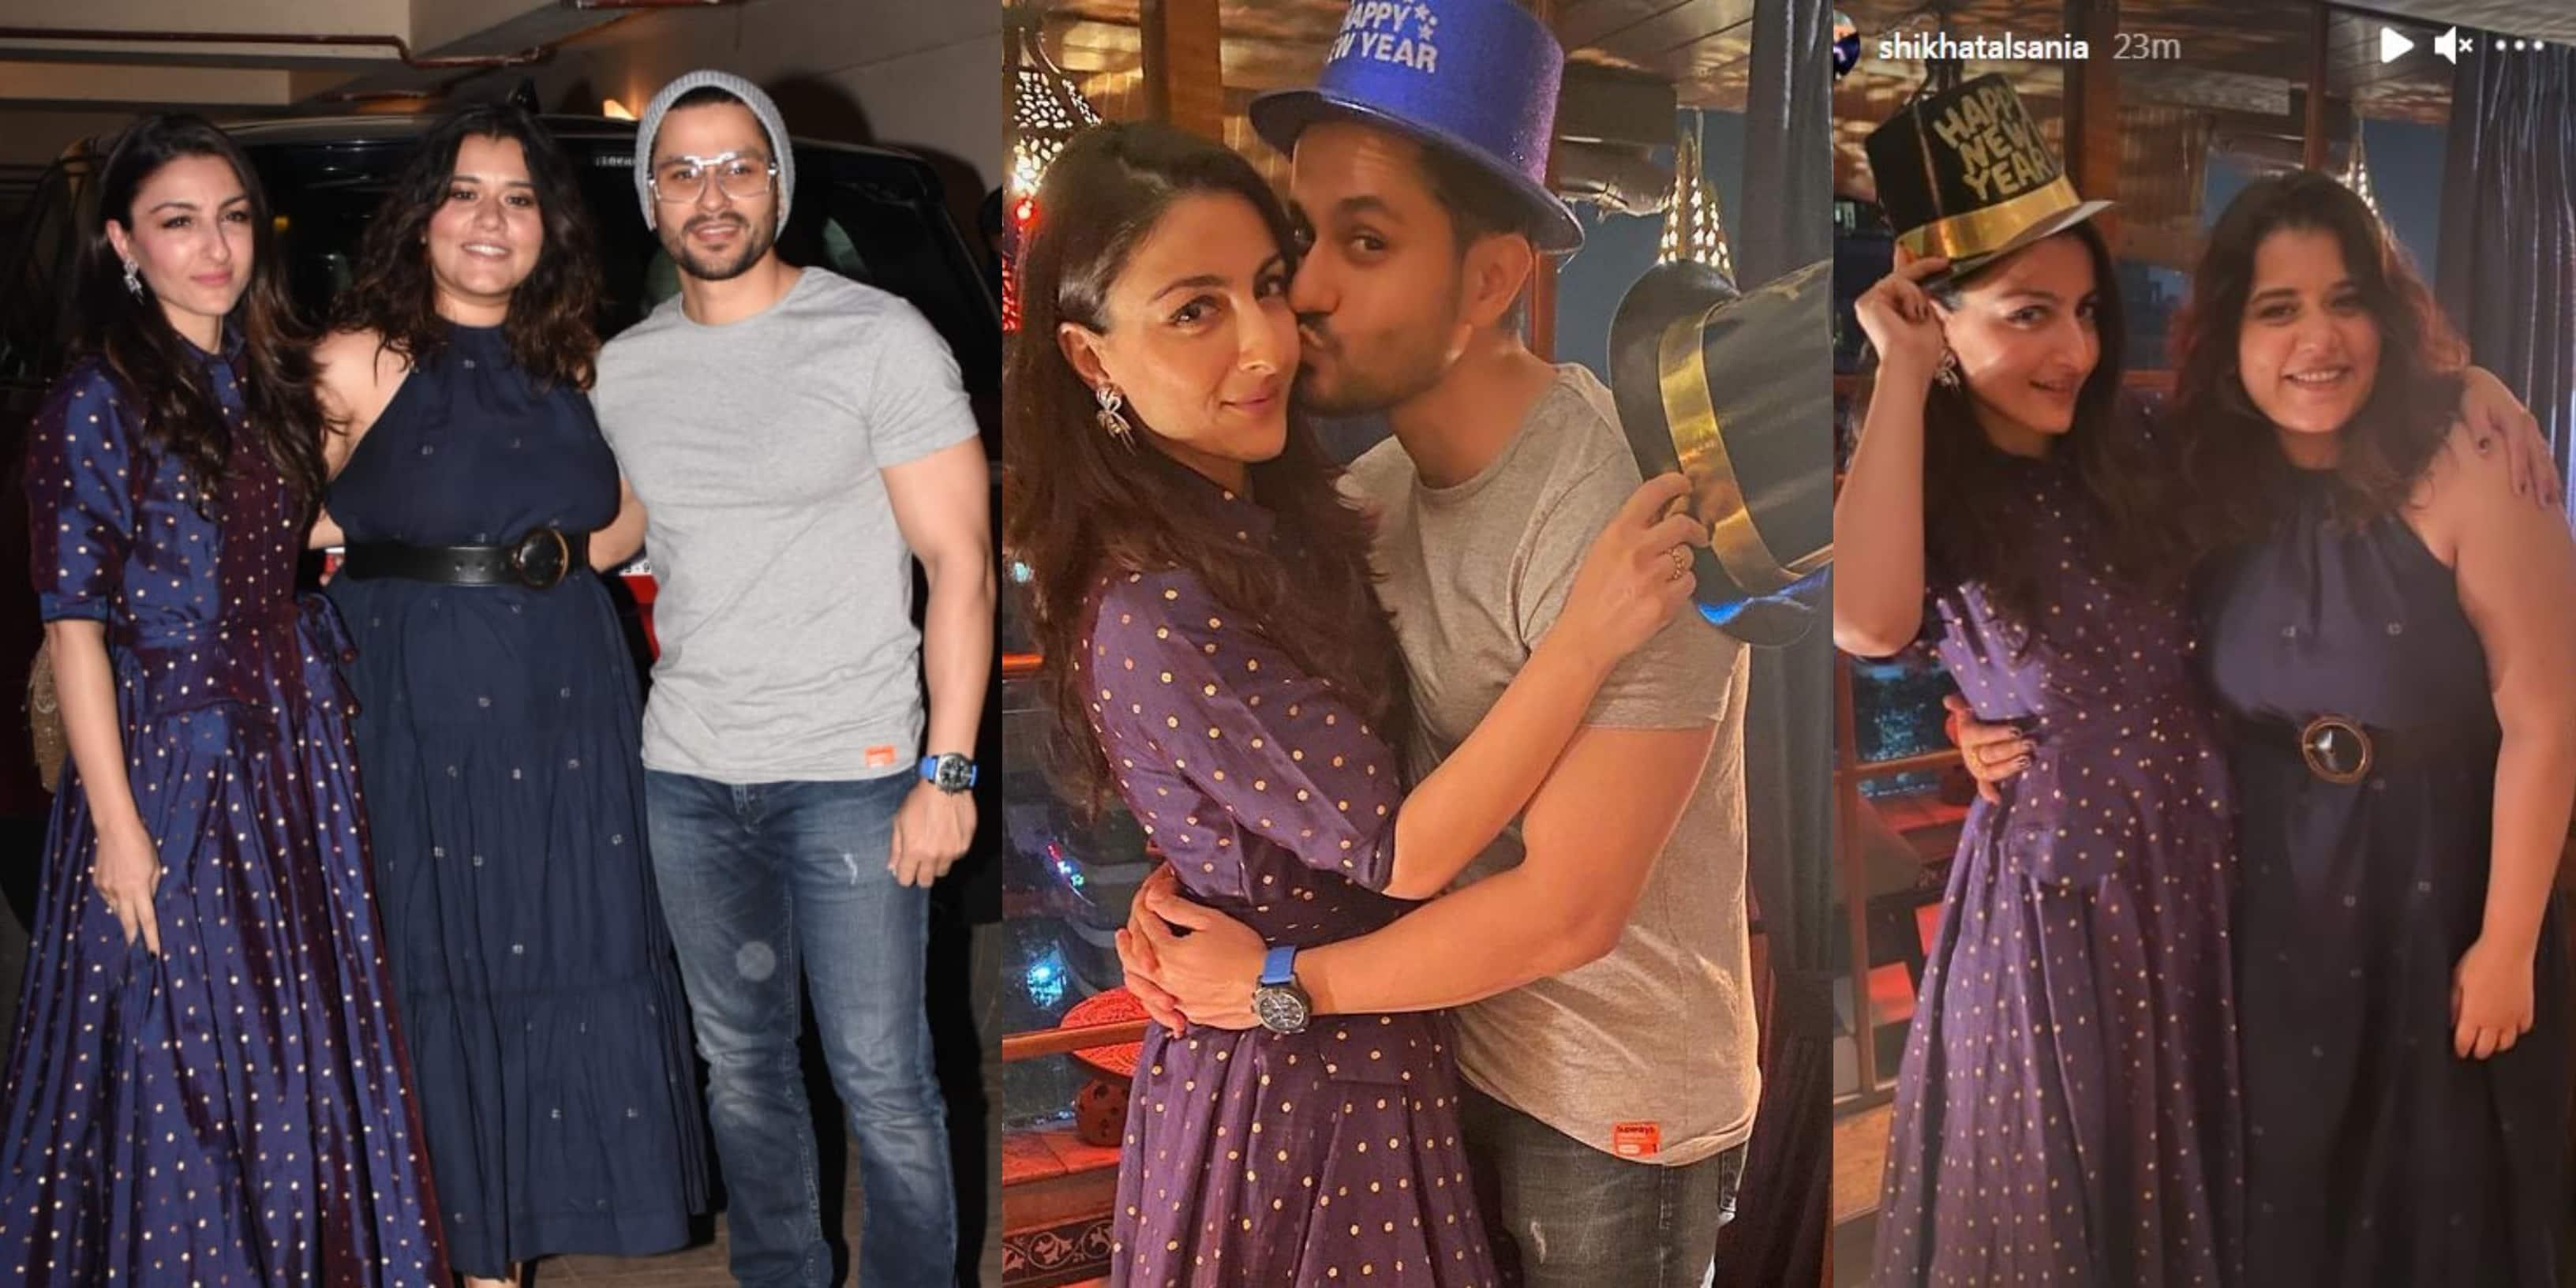 New Year 2021: Kareena Kapoor Khan Throws A Party, Soha, Kunal And Shikha Talsania Attend; See Pics